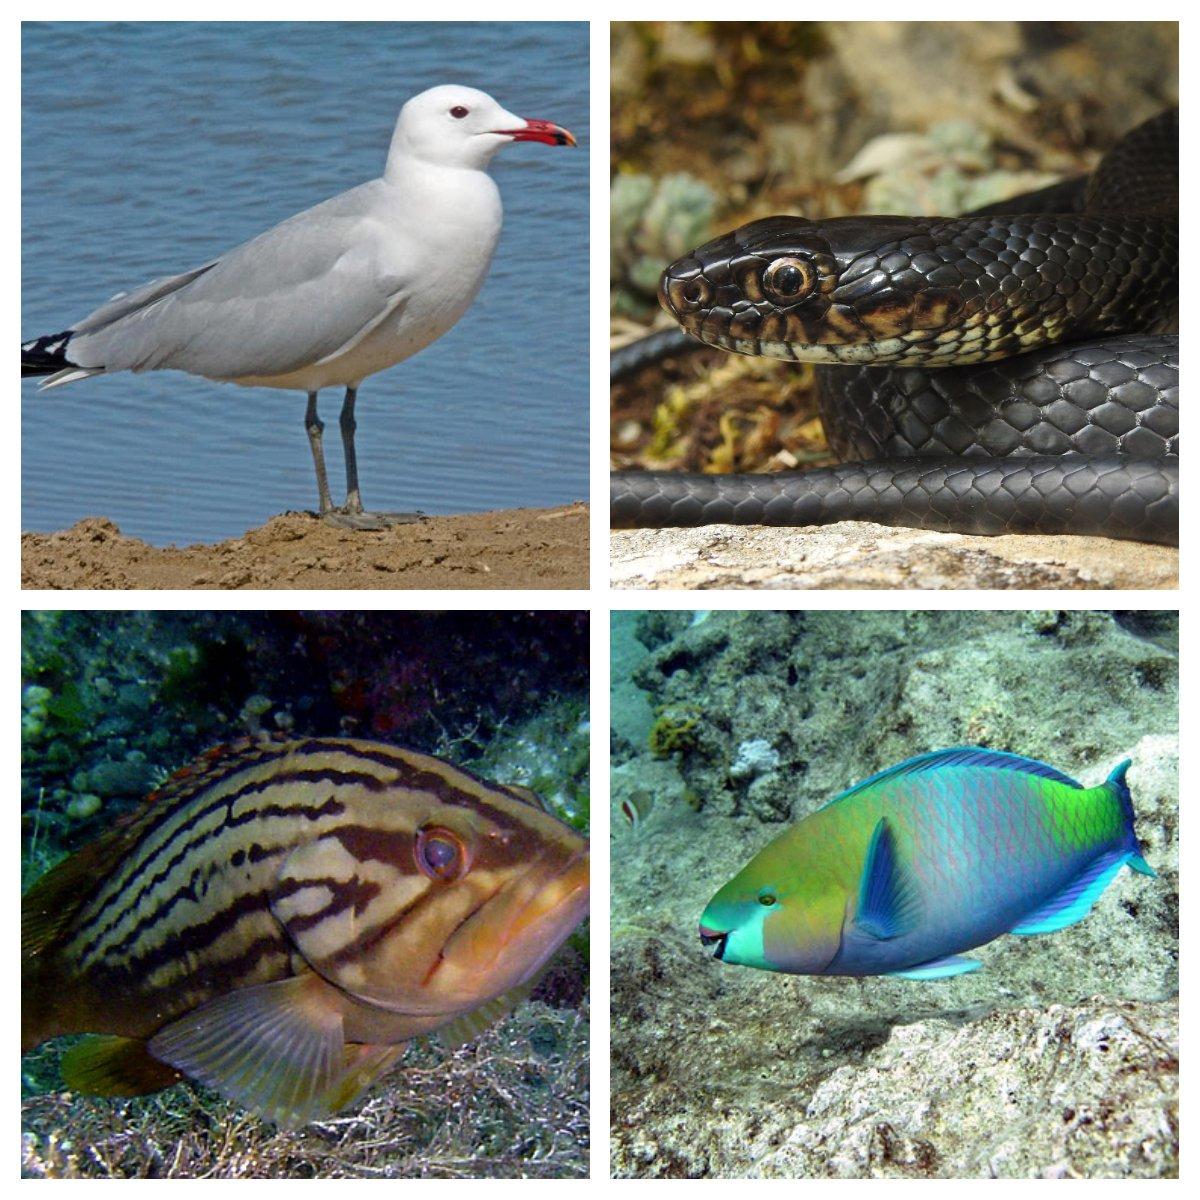 Gabbiano corso (in alto a sinistra), Cernia dorata (in basso a sinistra), Il biacco (in alto destra), Pesce pappagallo (in basso a destra)